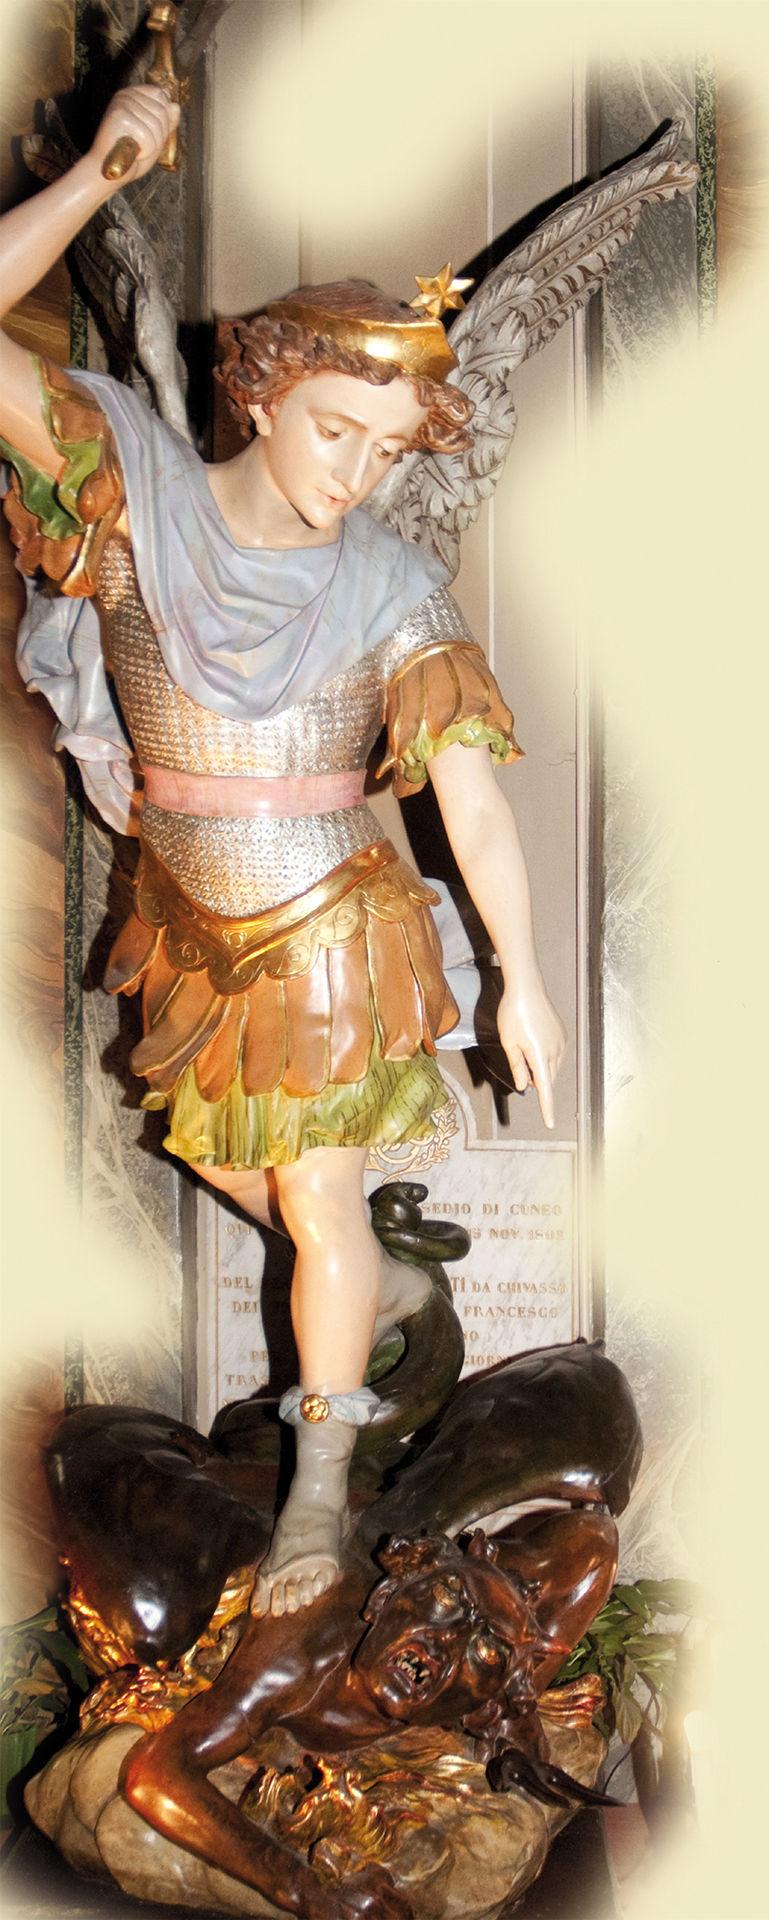 La Guida - Cuneo celebra il patrono San Michele